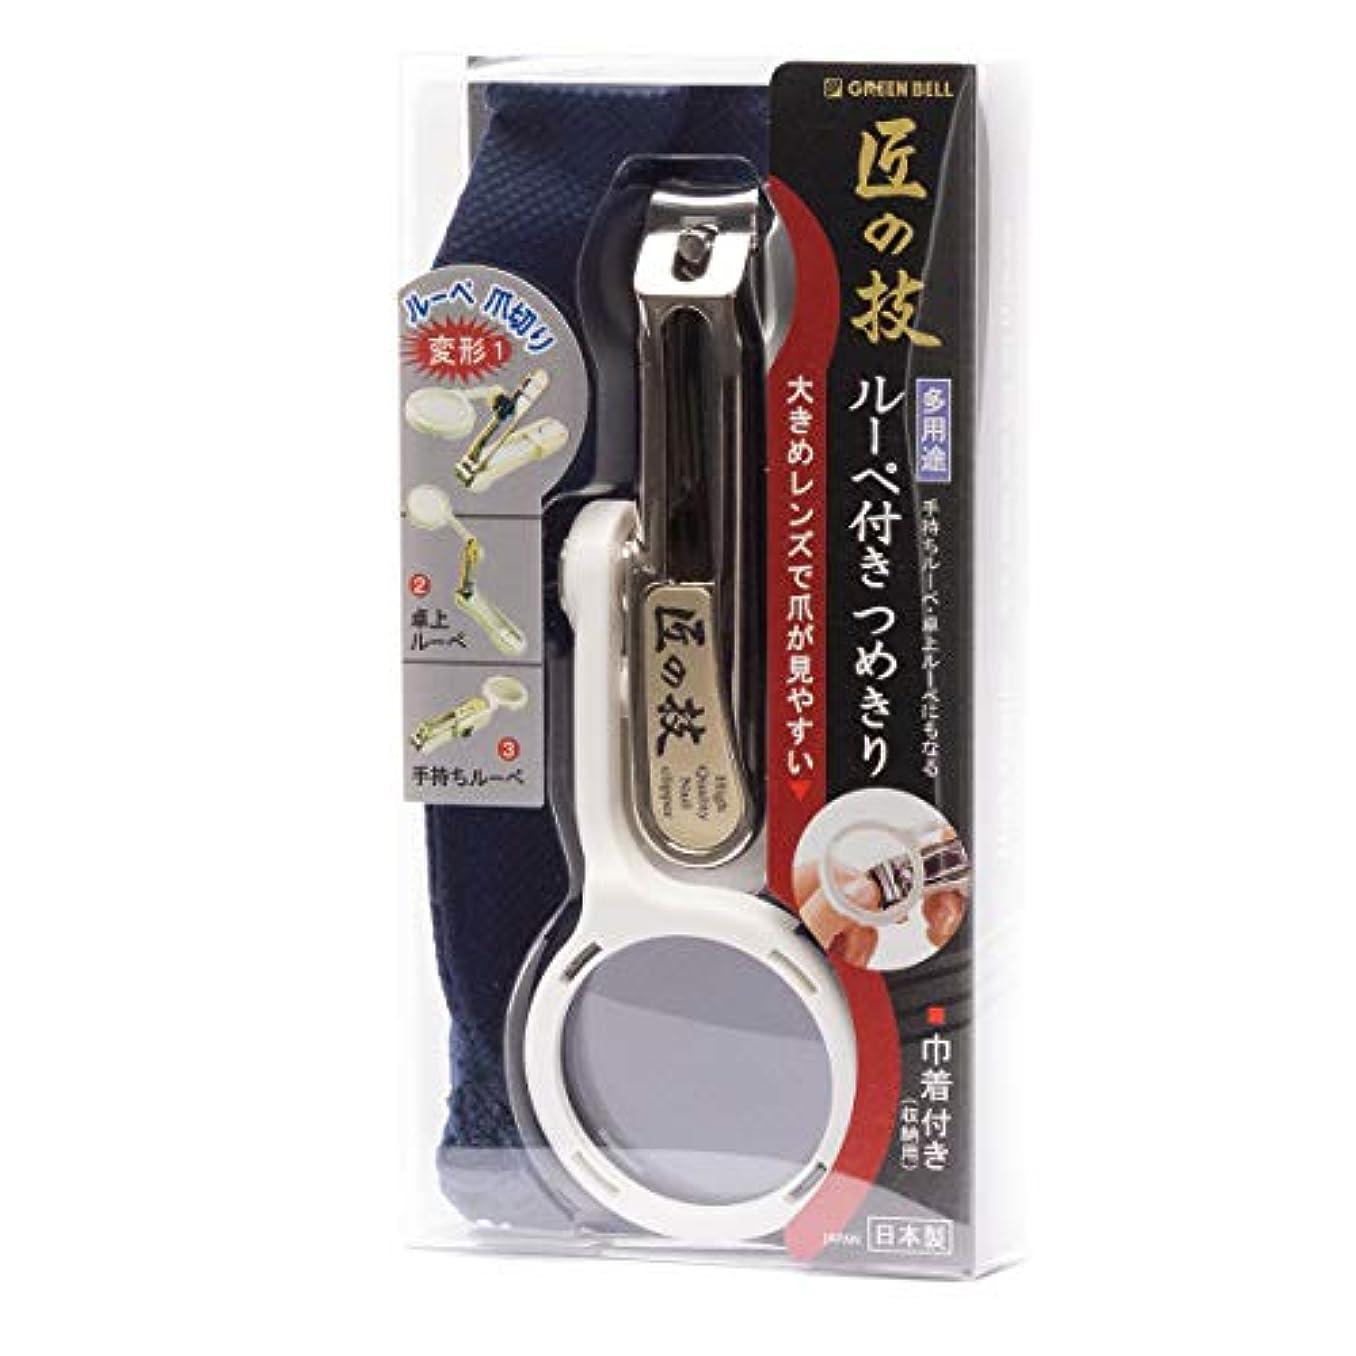 郵便クレタ白鳥MIDI-ミディ 匠の技 ルーペ付き つめきり 白 メガネ拭き セット (p-880122,p-k0055)